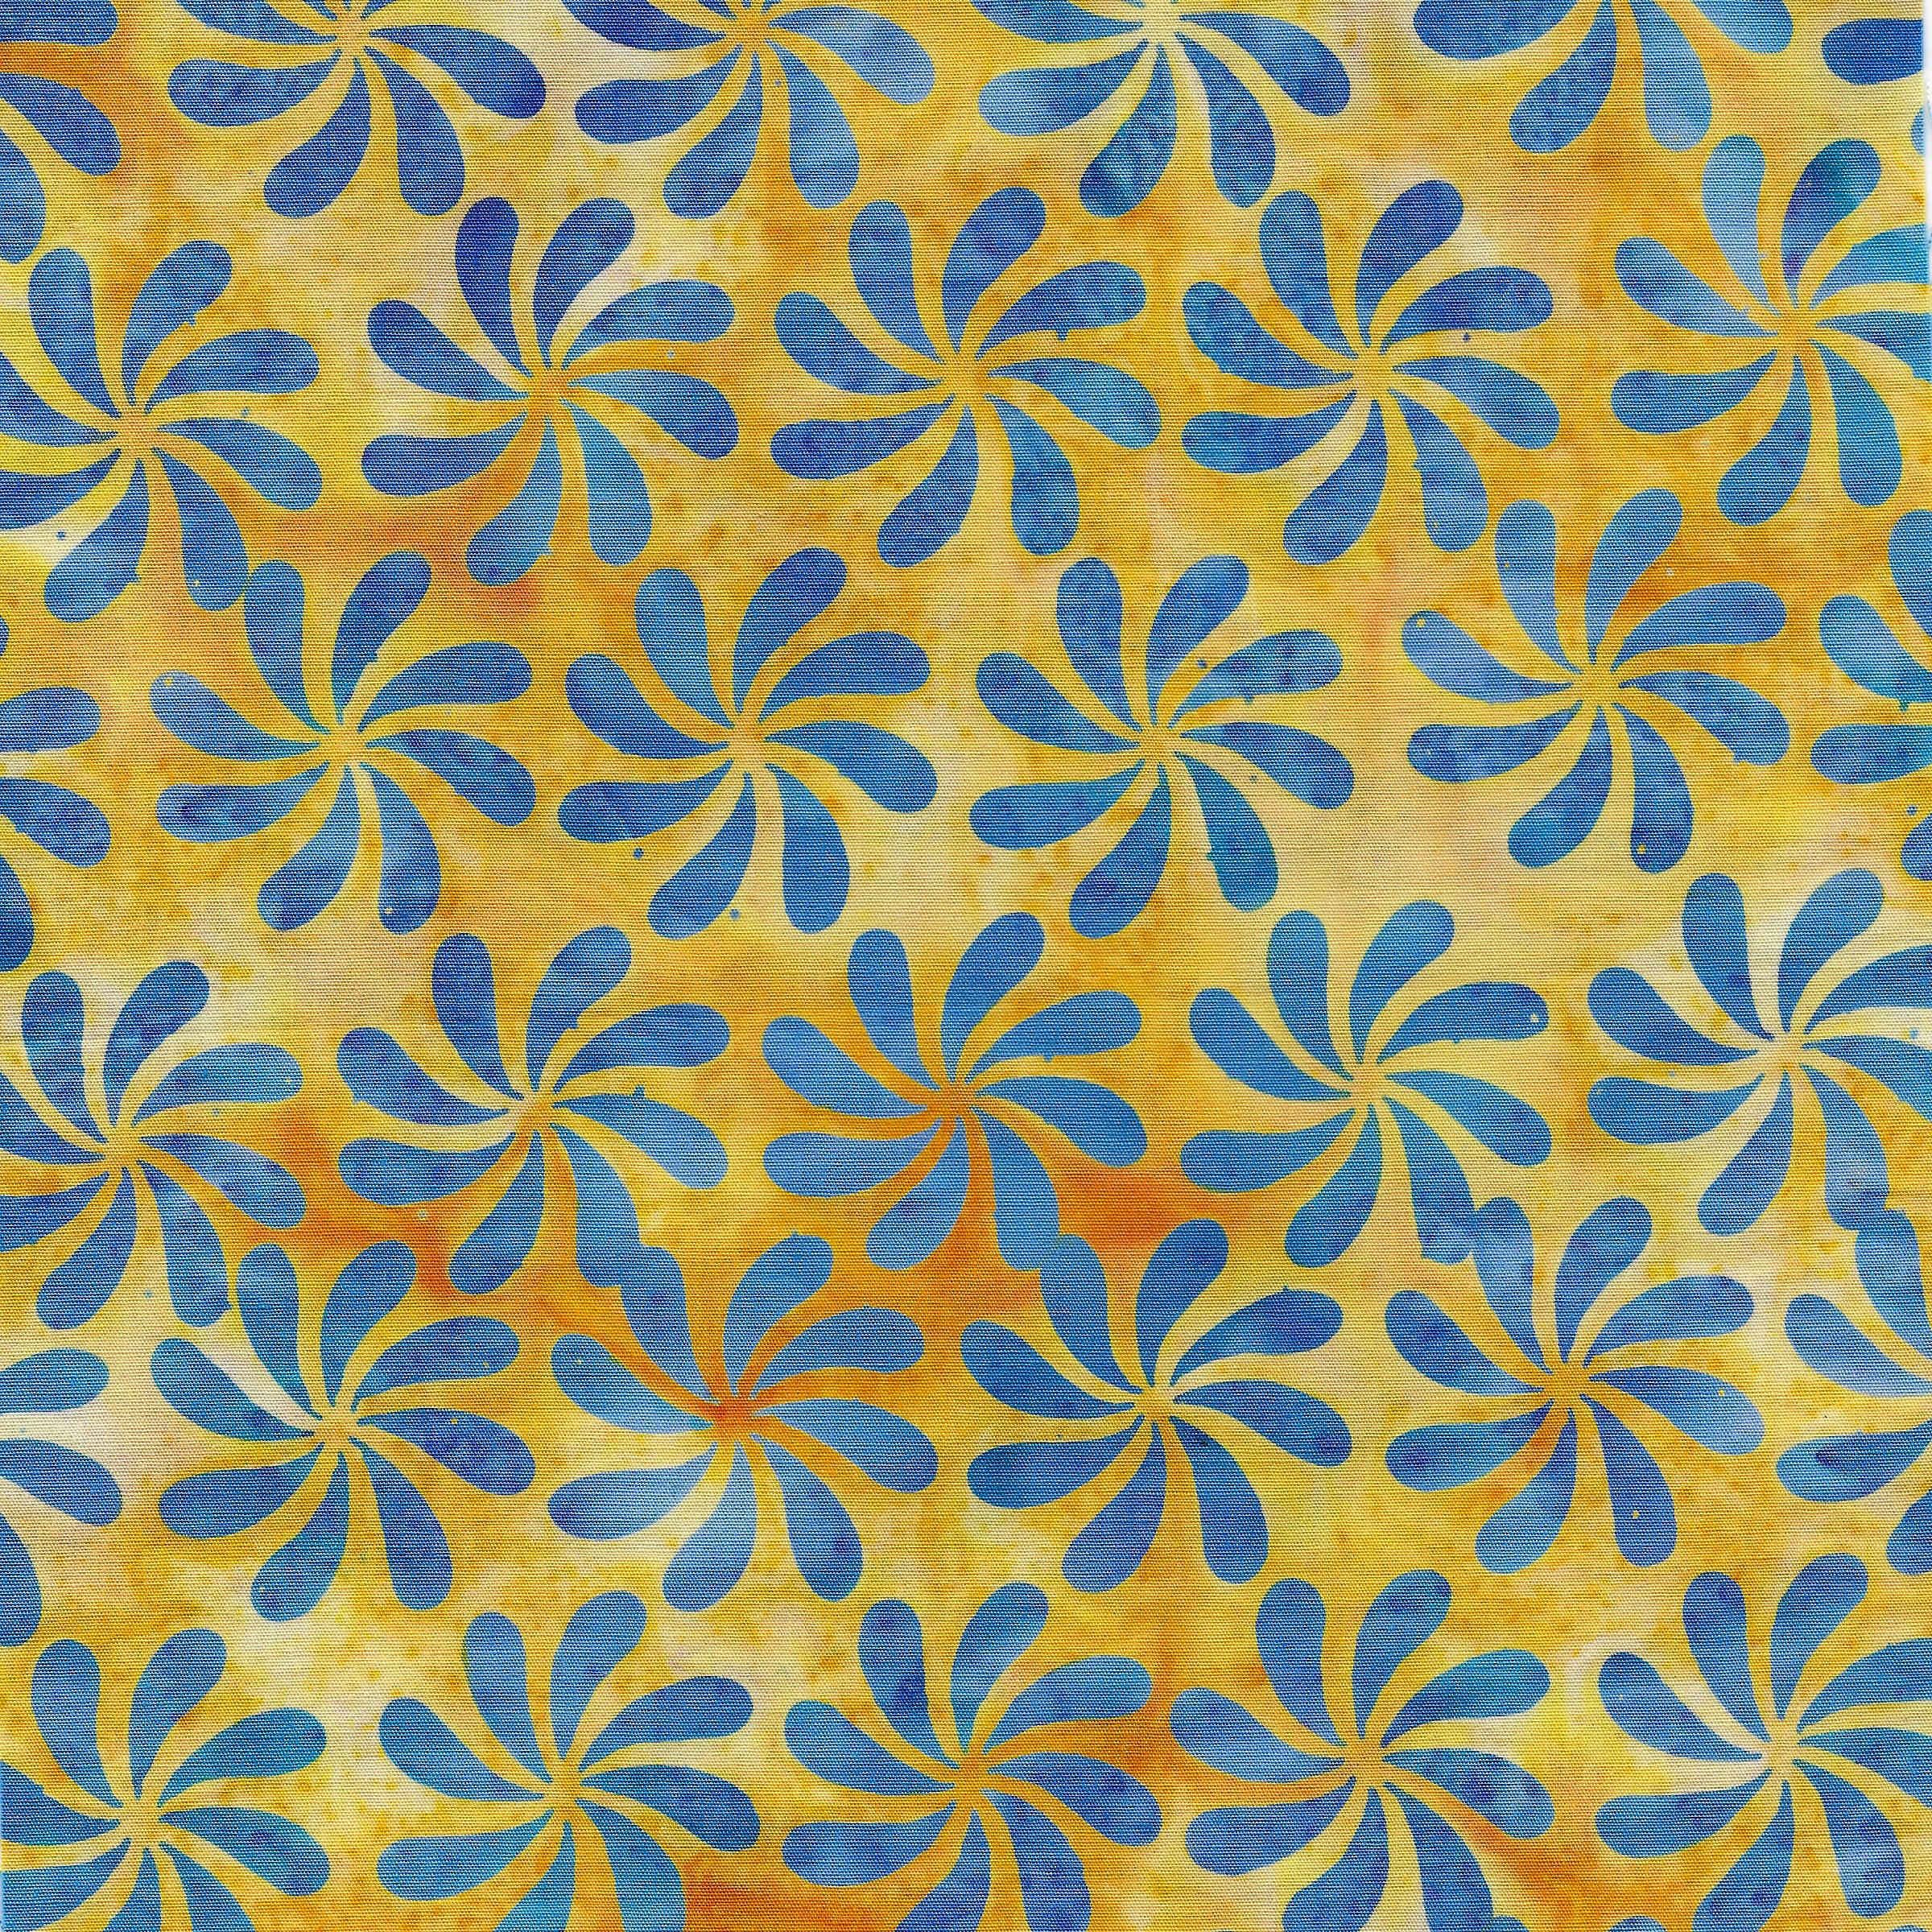 111918130 / Propeller -Sunshine